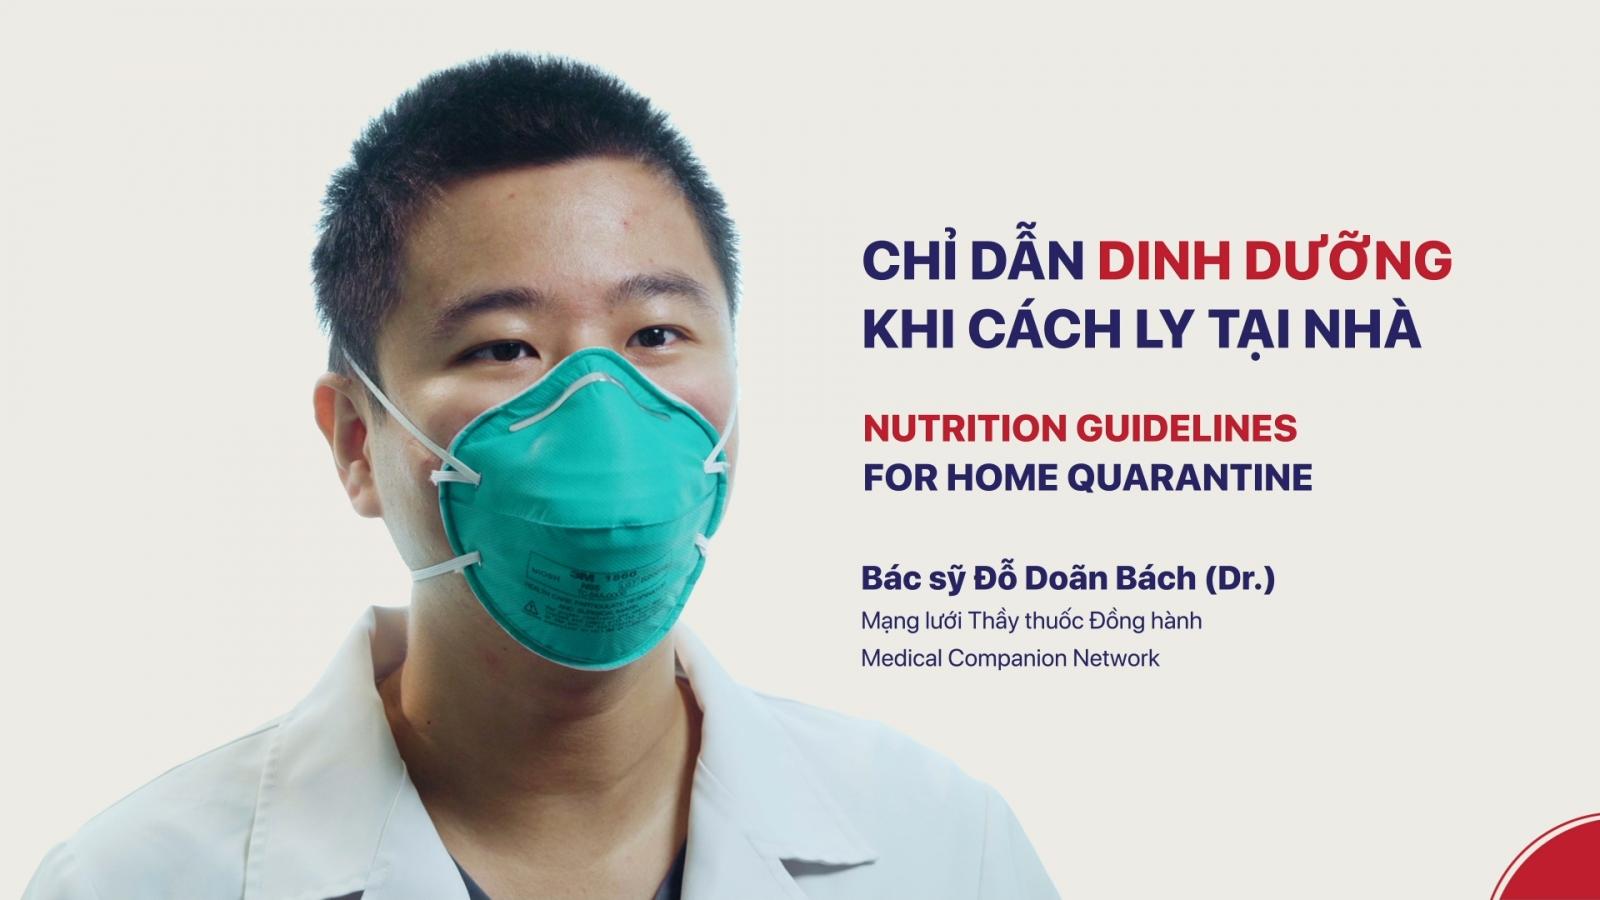 Bộ Y tế hướng dẫn chế độ dinh dưỡng cho F0, F1 tại nhà